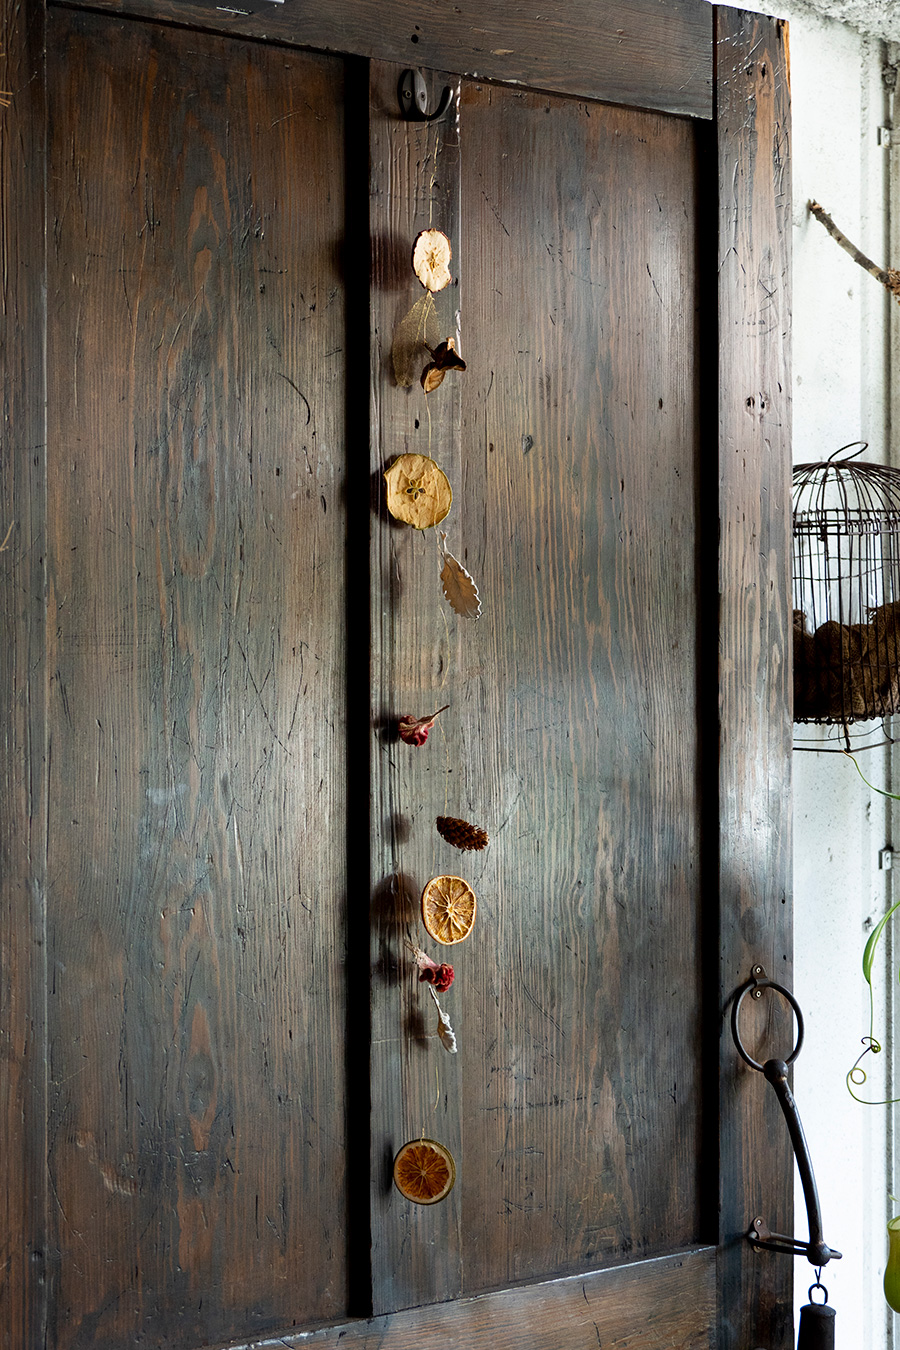 縦でも横でも楽しめるガーランドが完成。フルーツの芳醇な香りがほのかに漂う。